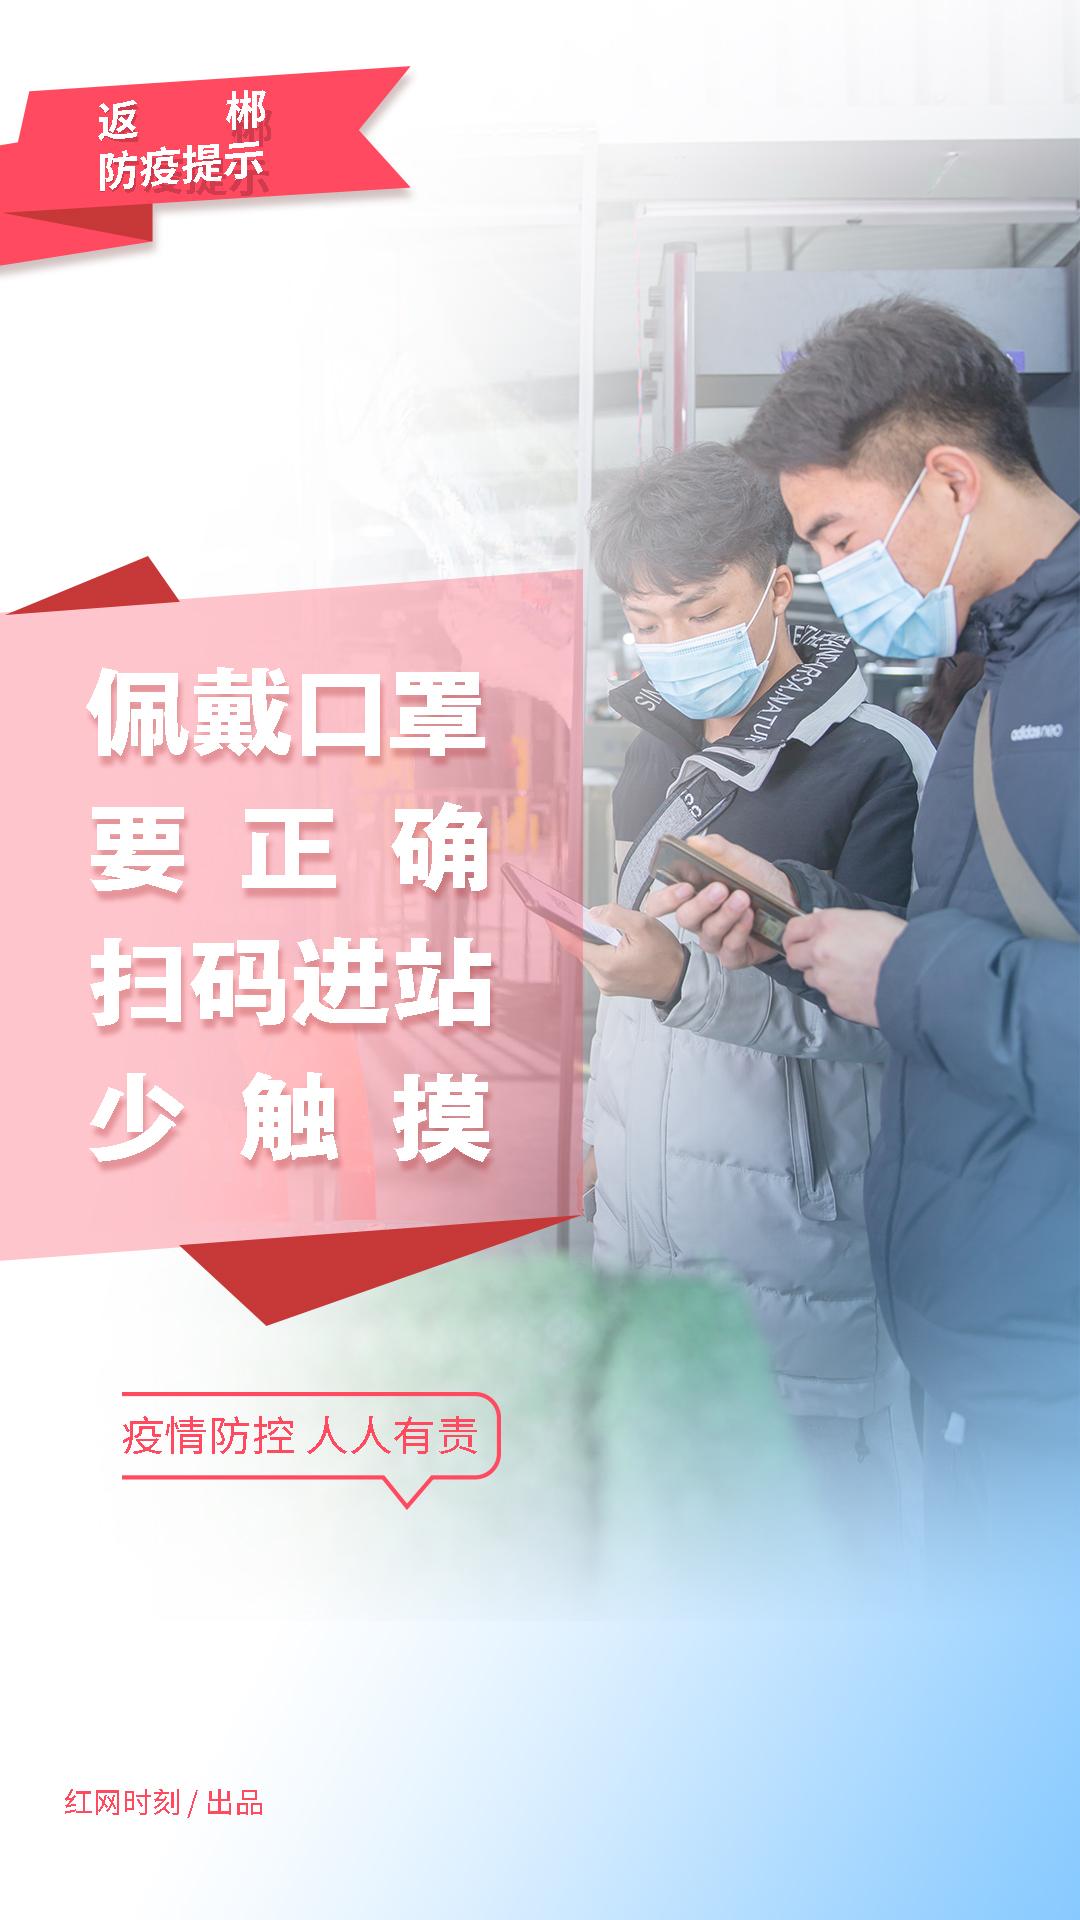 20210128春运抗疫宣传海报设计稿003.jpg